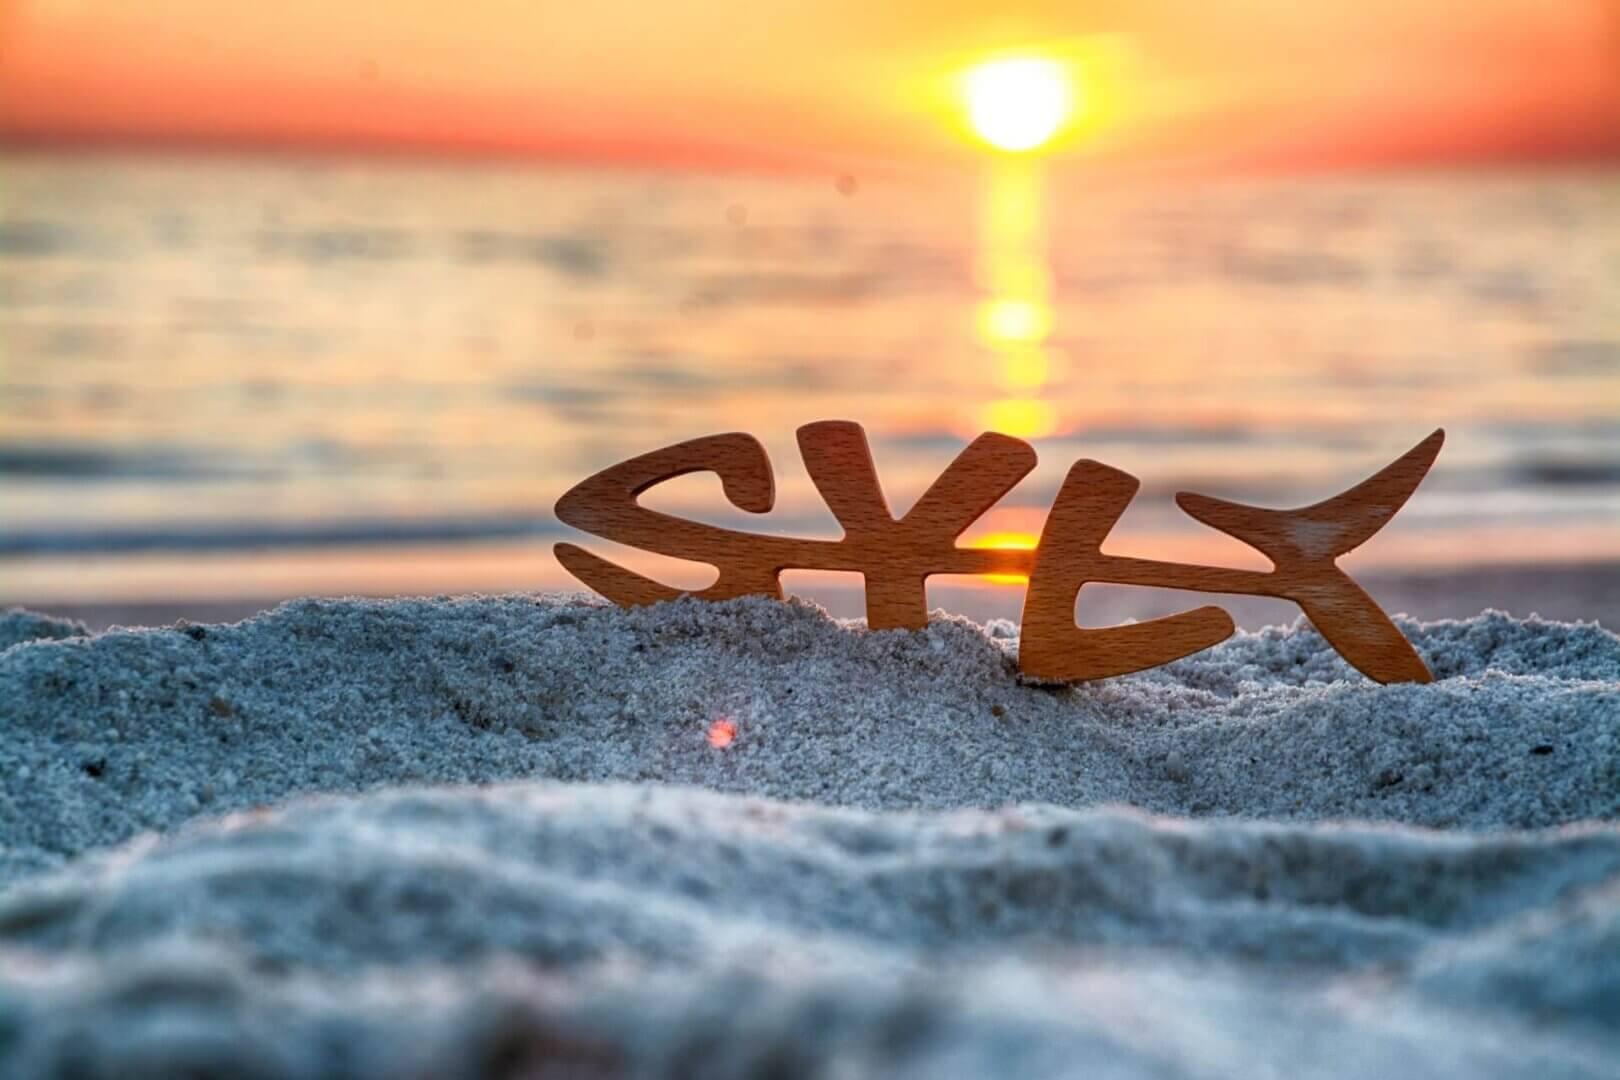 Syltfisch im Sand